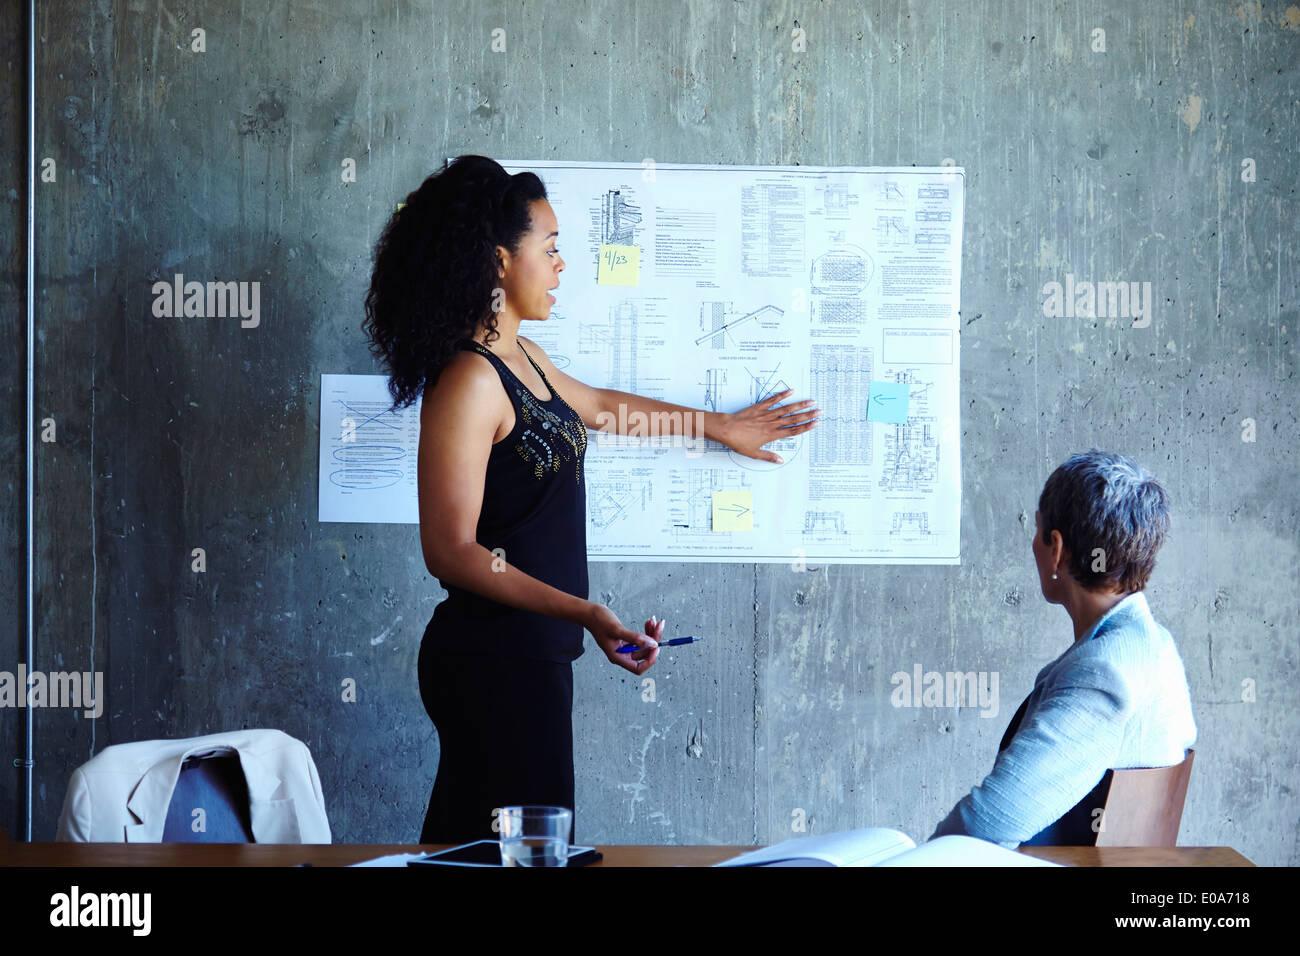 Los jóvenes empresarias presentando ideas en sesión Imagen De Stock